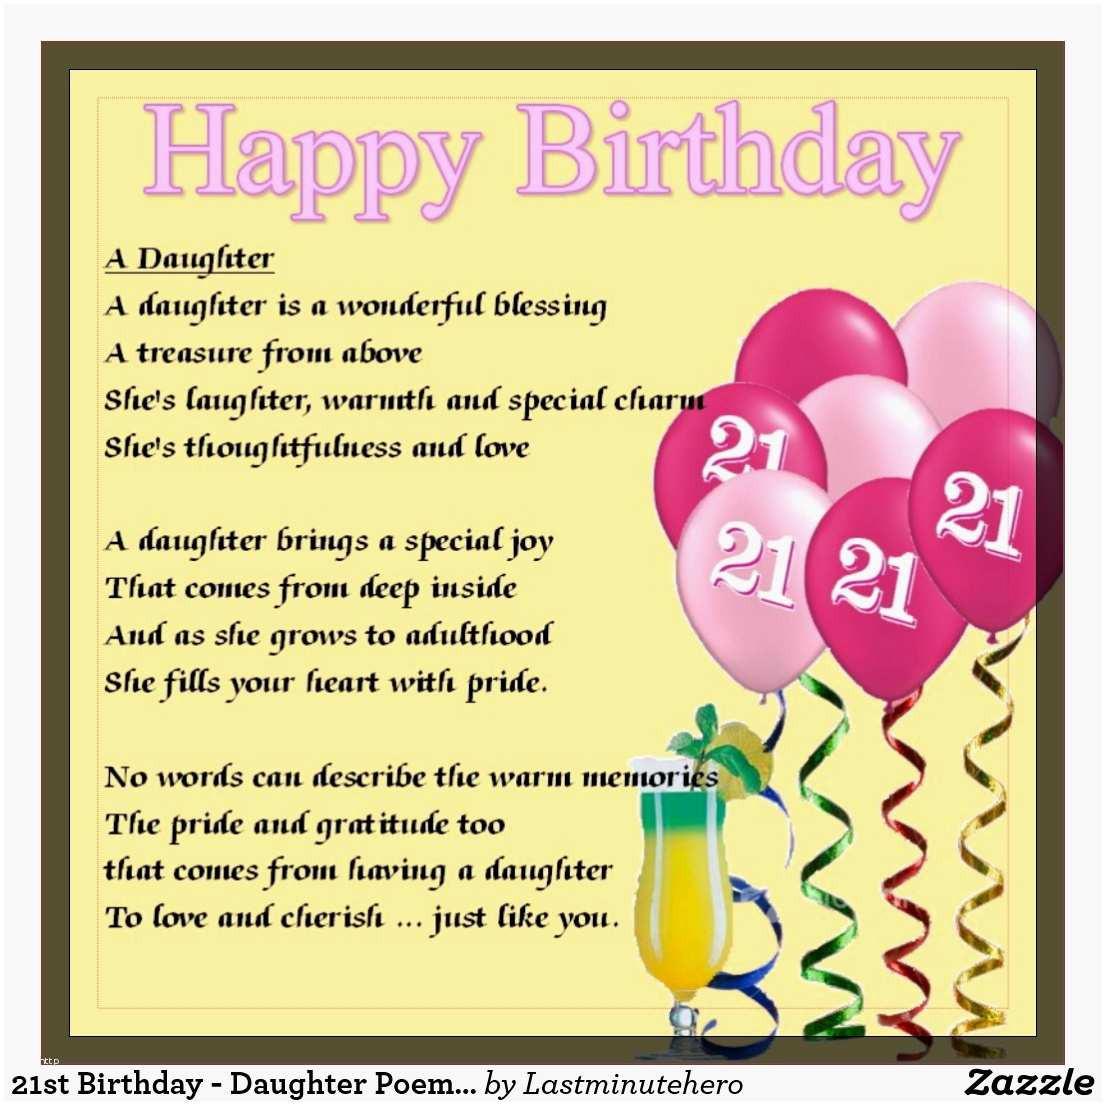 Geburtstagswünsche Für Enkelkind Zum 2. Geburtstag  Glückwünsche Zum Ersten Geburtstag Enkelkind Schönste